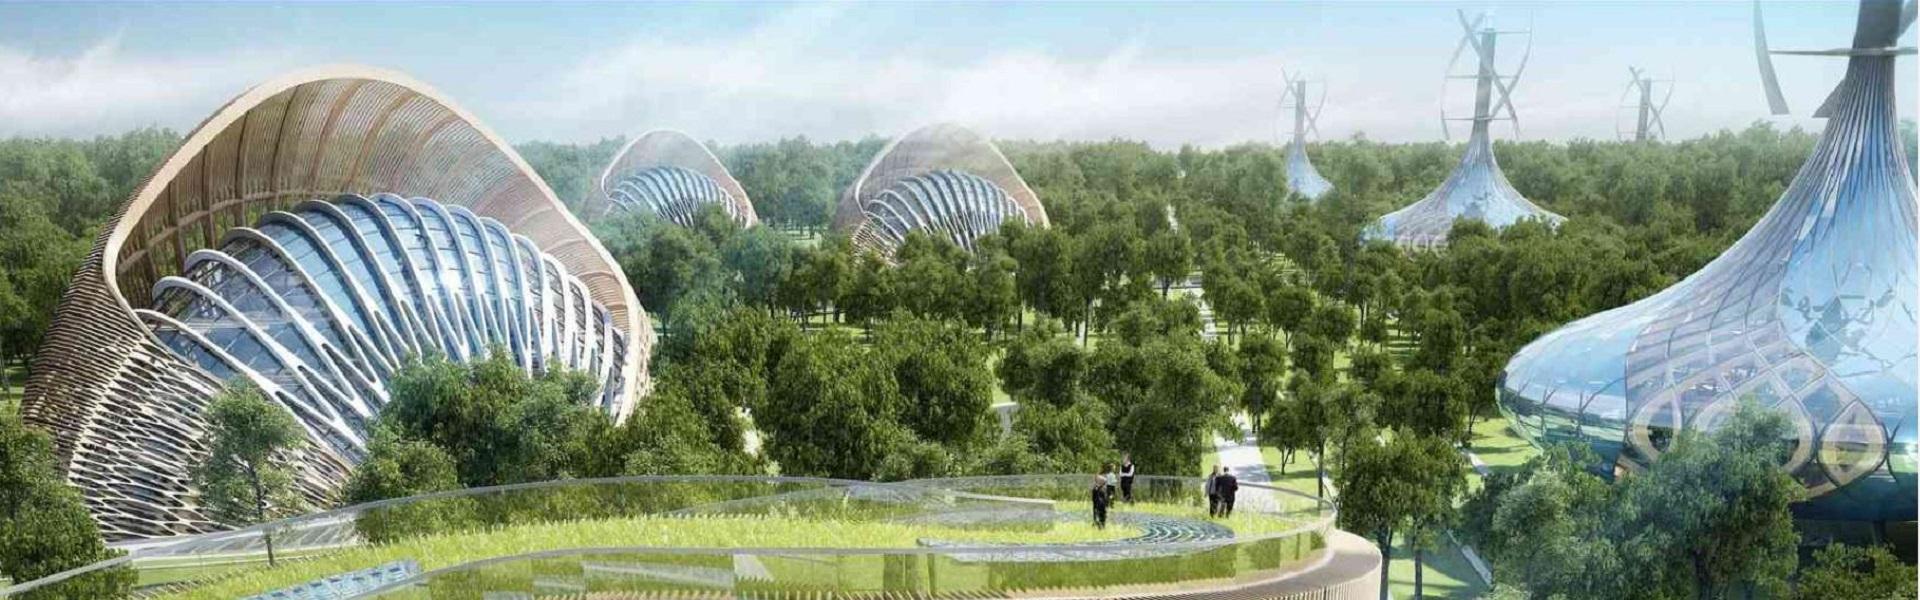 Flavours Orchard : design et écologie réunis par l'architecteVincent Callebaut